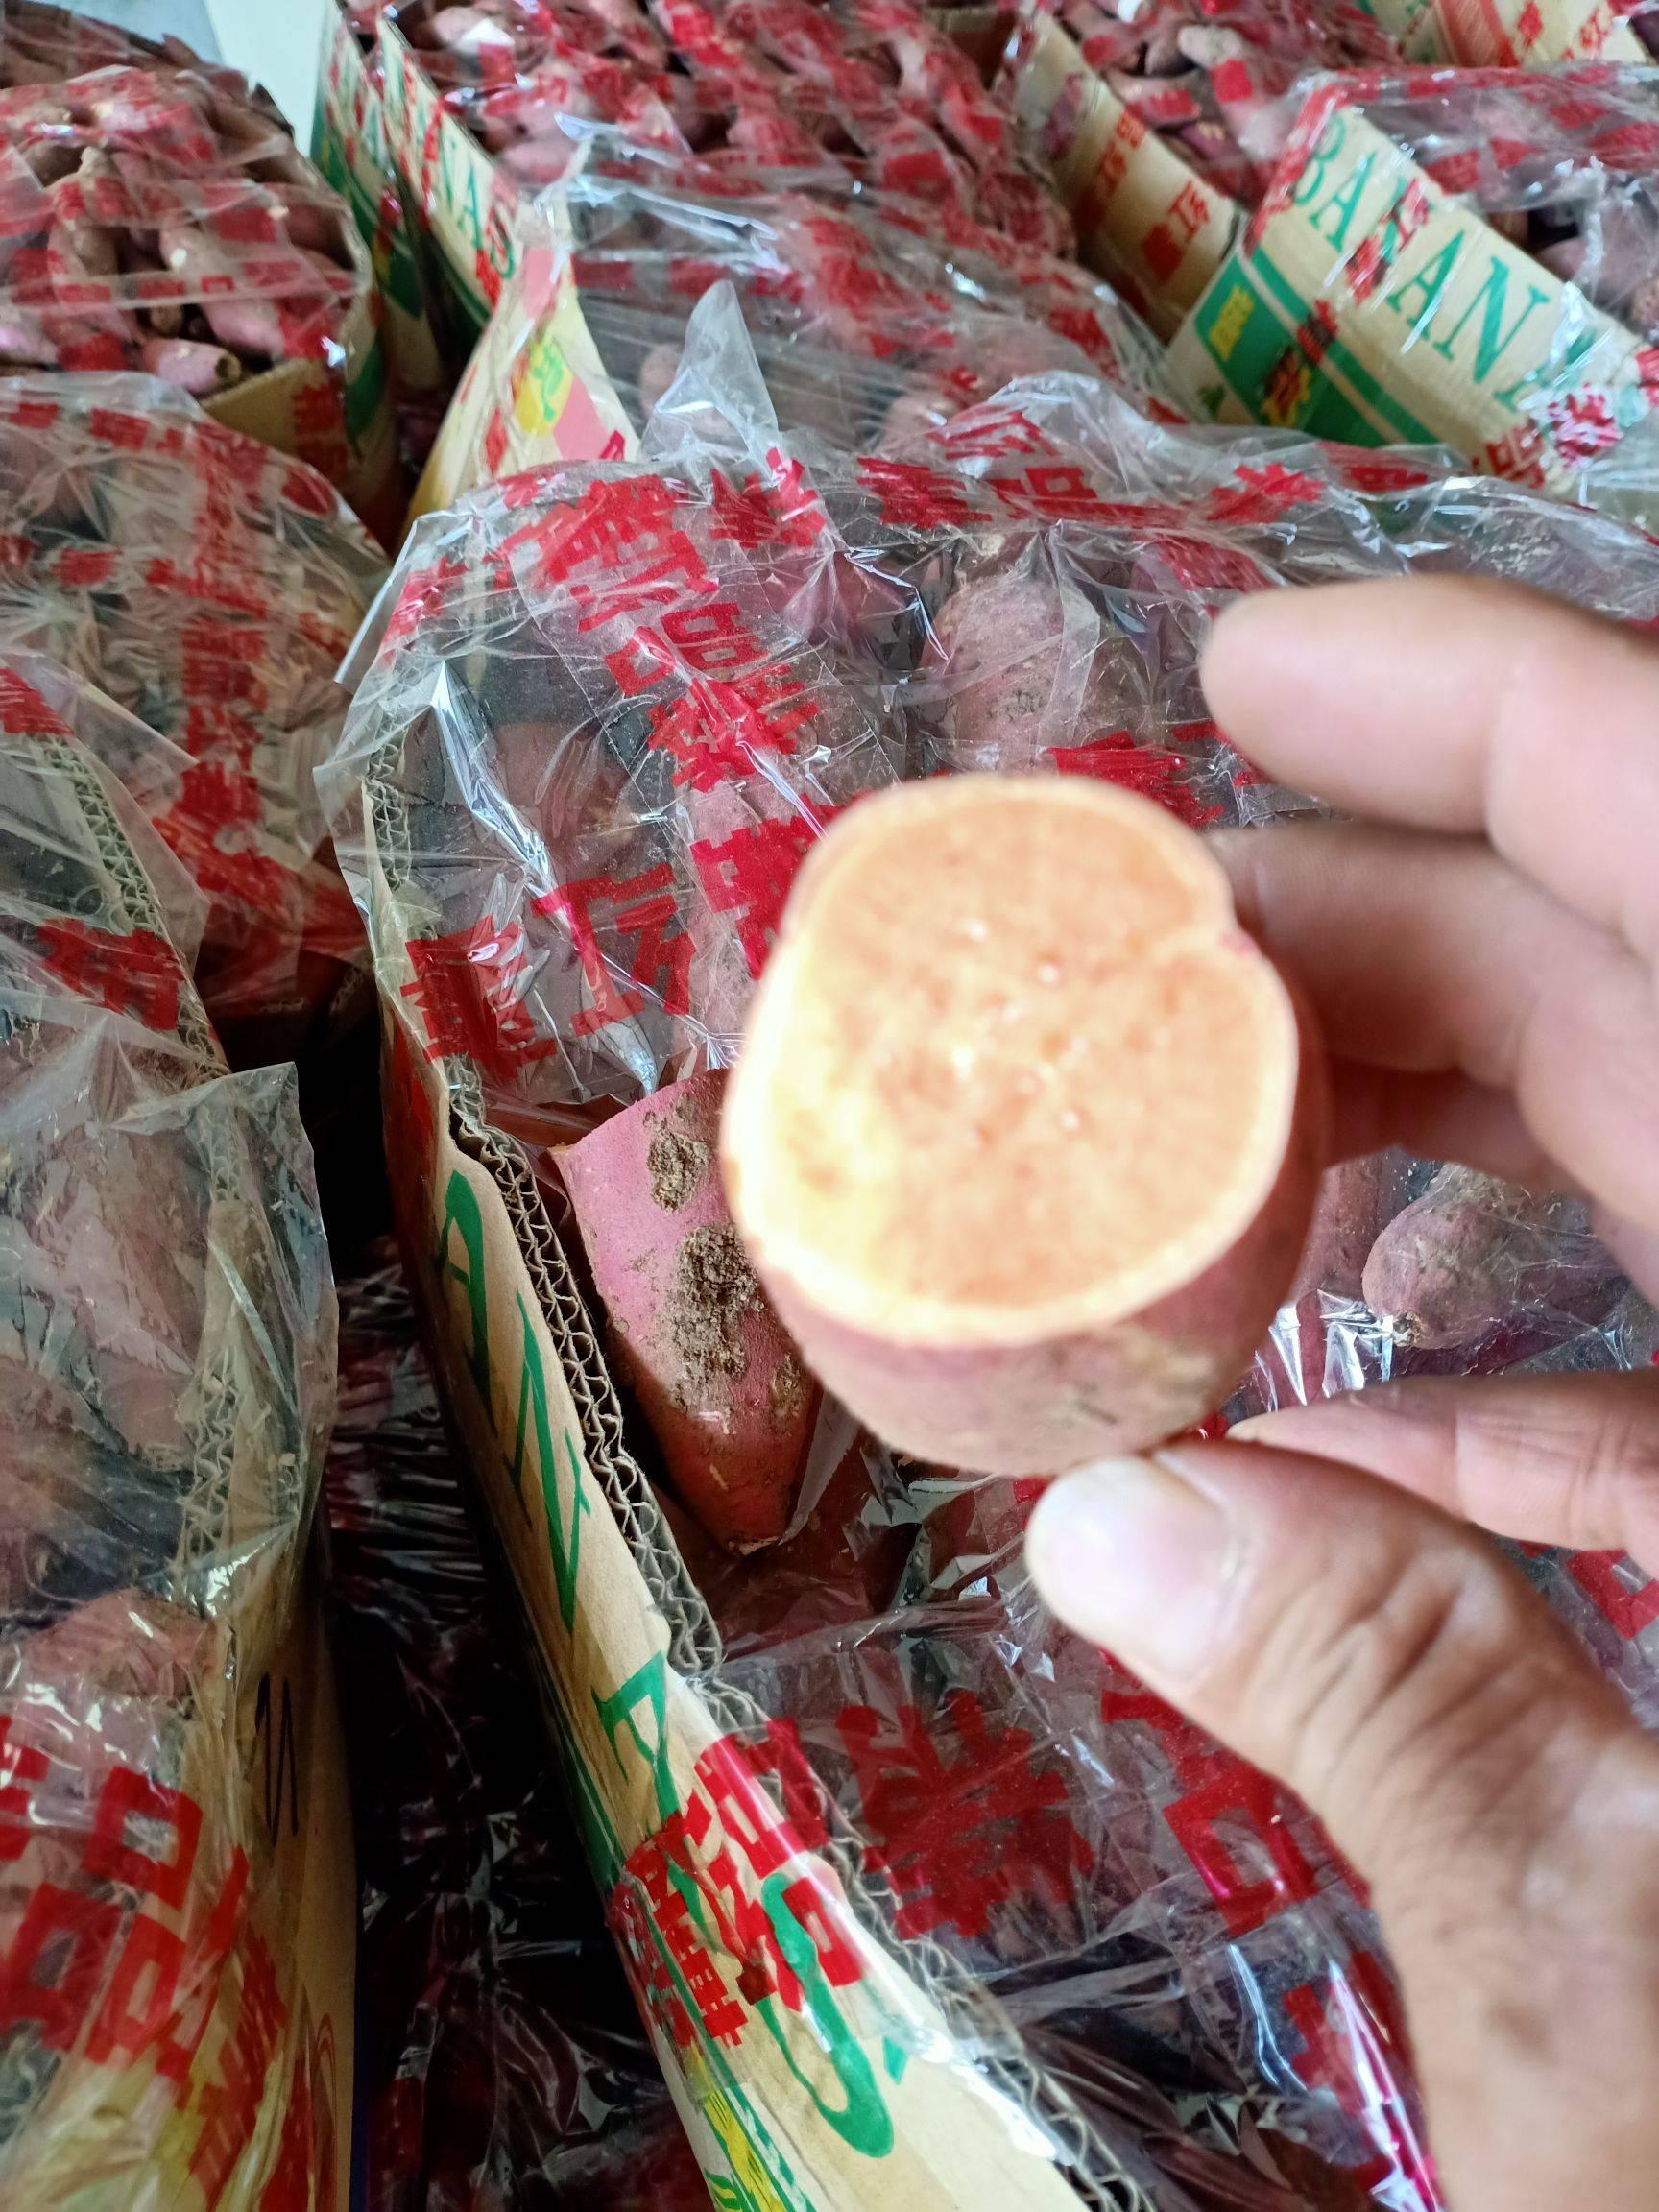 [西瓜红批发] 明光市自来桥镇西瓜红苏八红薯大量上市了,口感好吃,品质好,价格1.4元/斤